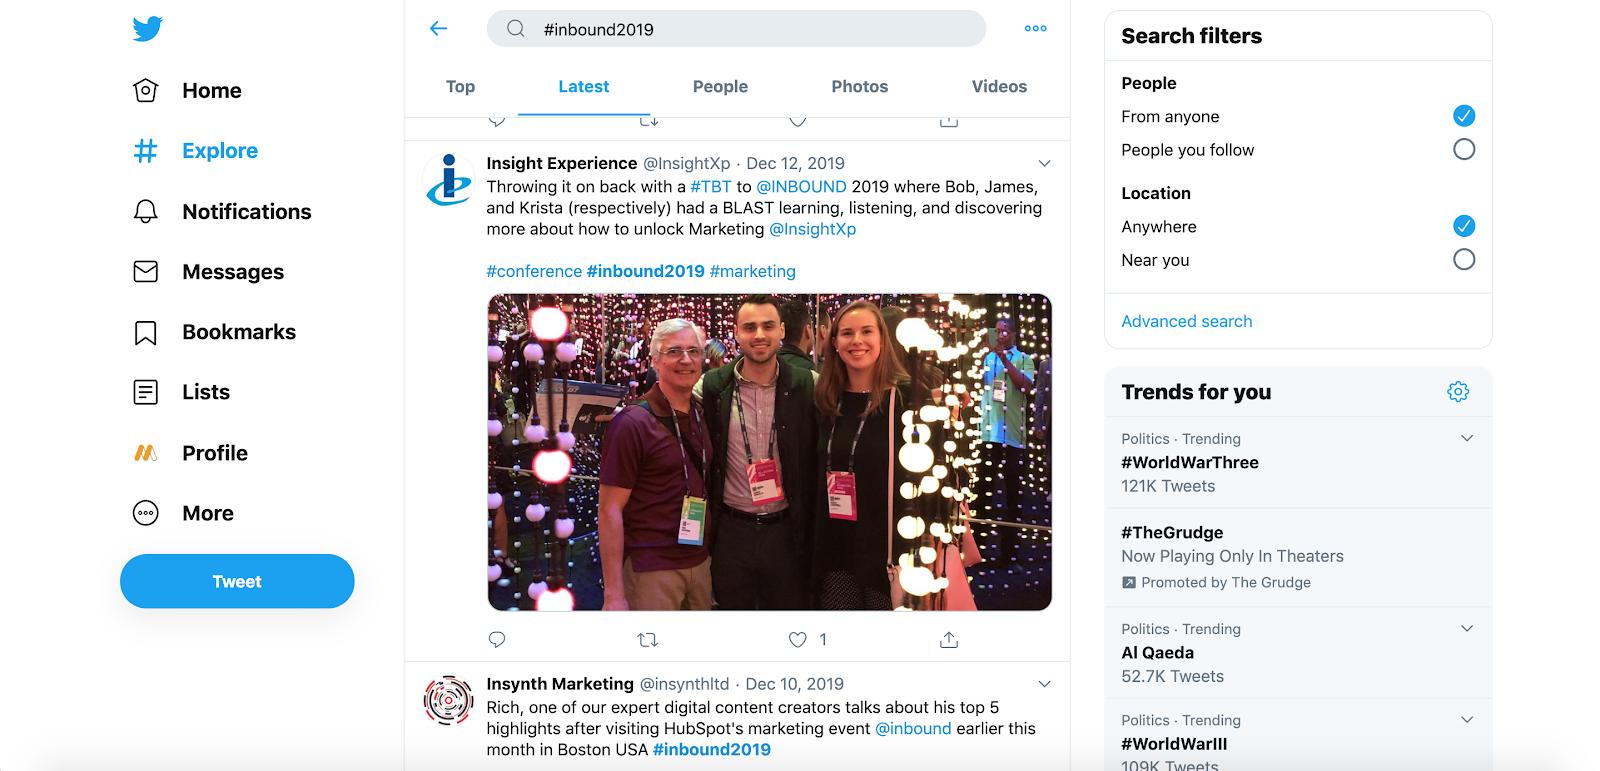 organic-twitter-hacks-monitoring twitter hacks Twitter social media hacks social media organic twitter hacks